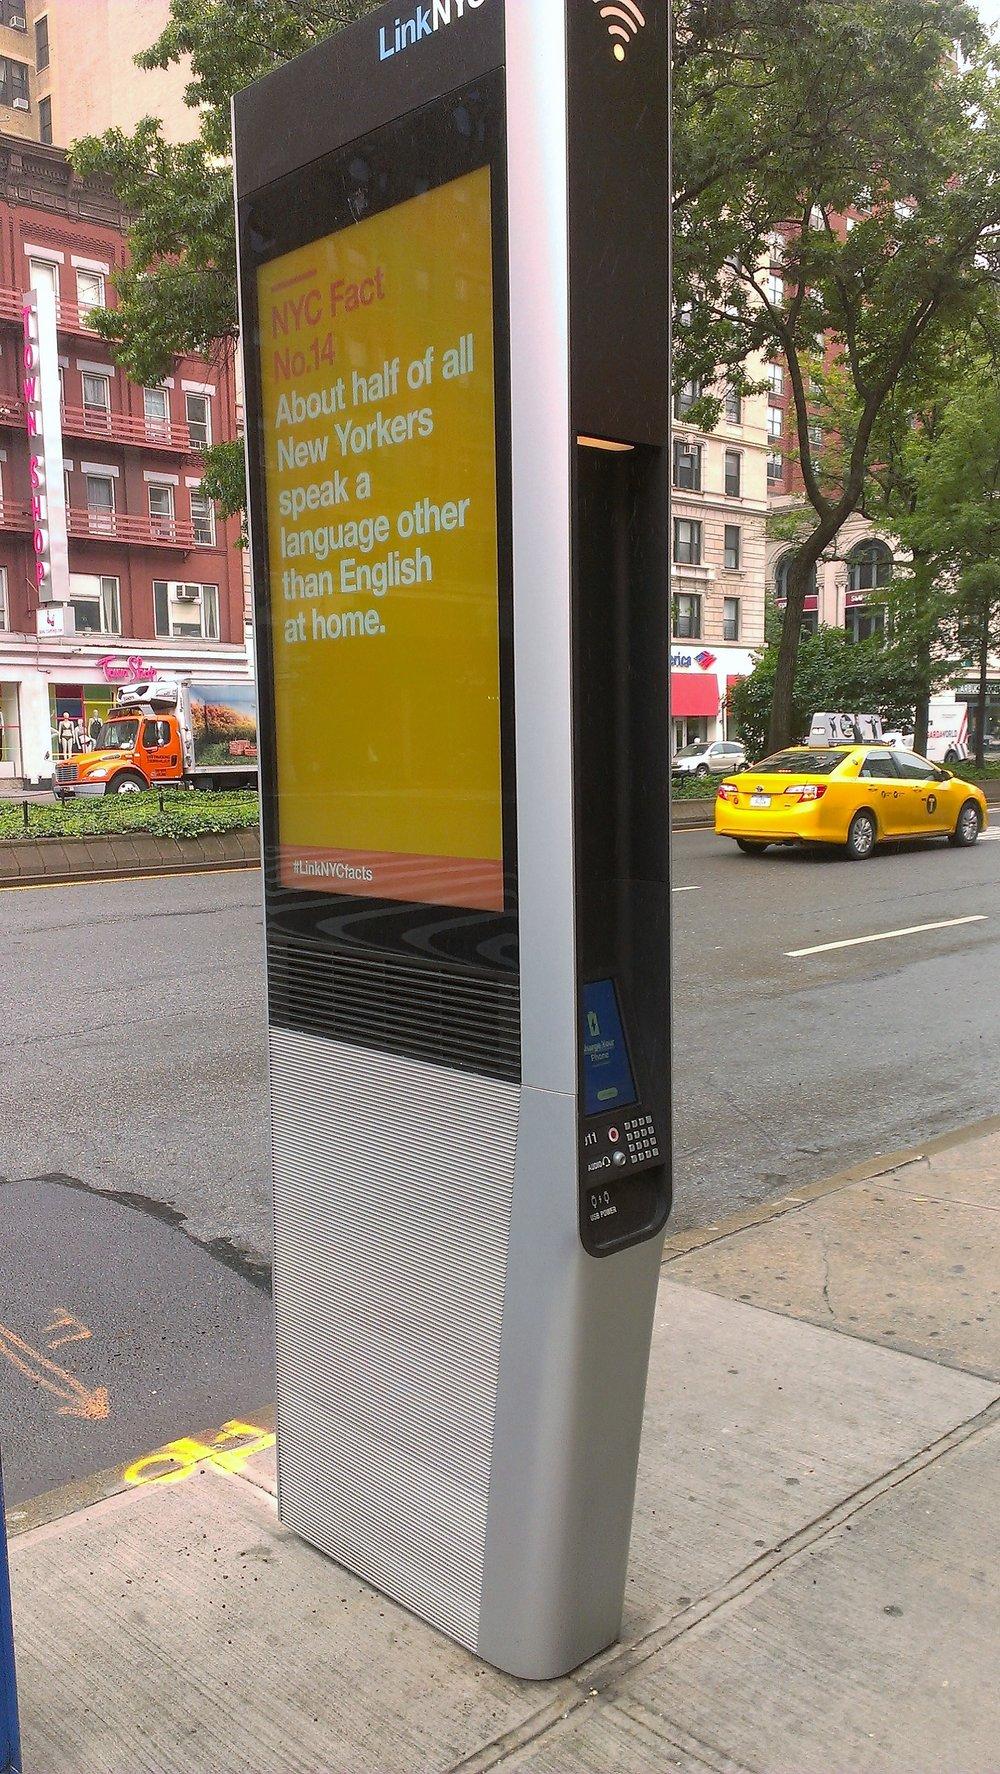 Многофункциональный автомат, с помощью которого можно получить информацию на разных языках, зарядить свои гаджеты через USB-порт и подключиться к wifi.